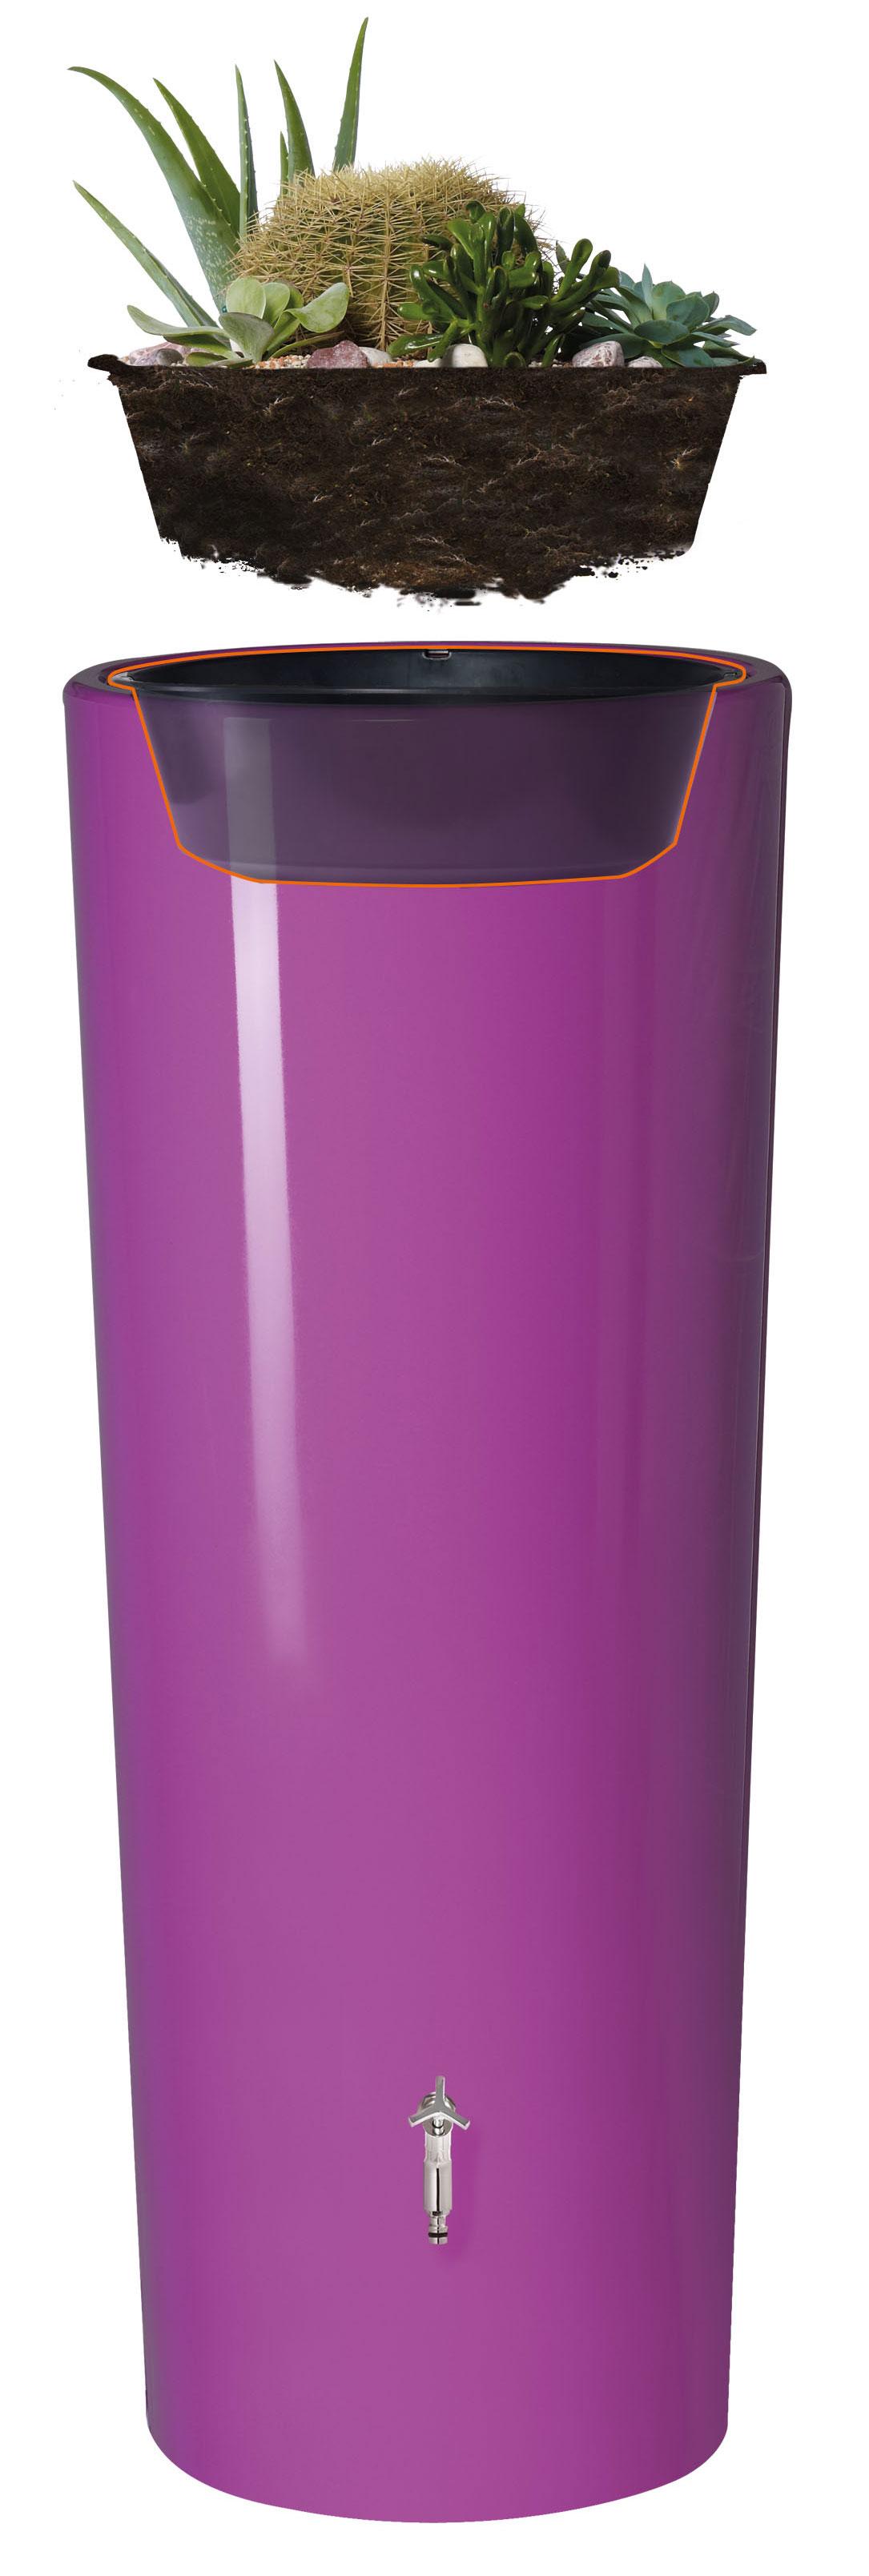 Pflanzschale Ersatzteil für 2in1 Wasserbehälter GRAF Bild 3